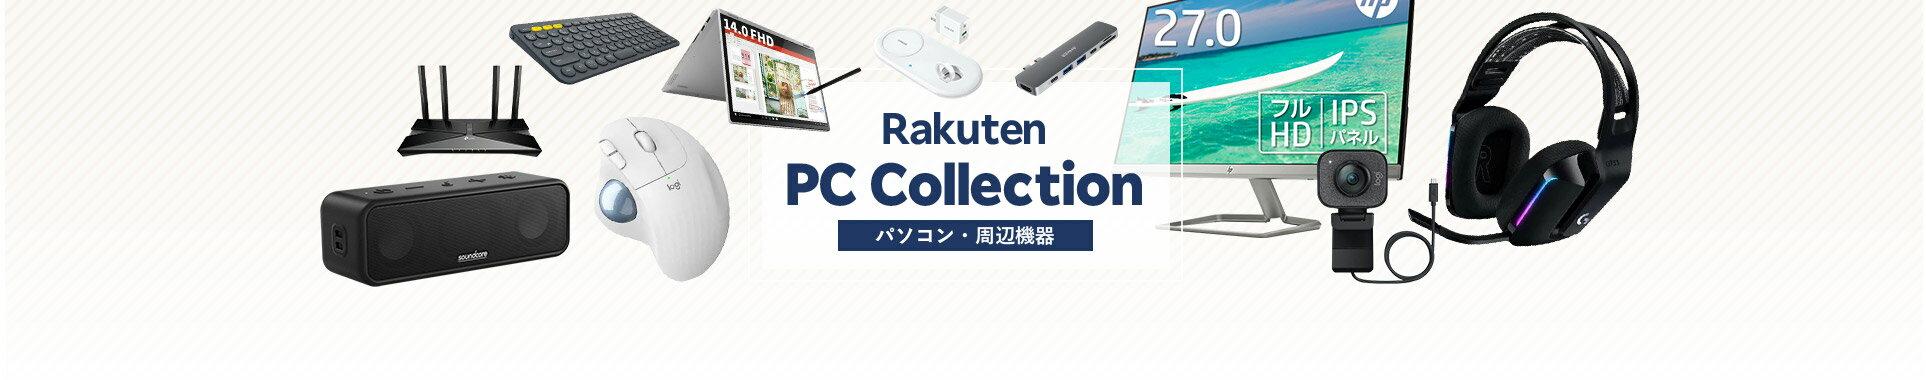 Rakuten PC Collection ーパソコン・周辺機器ー